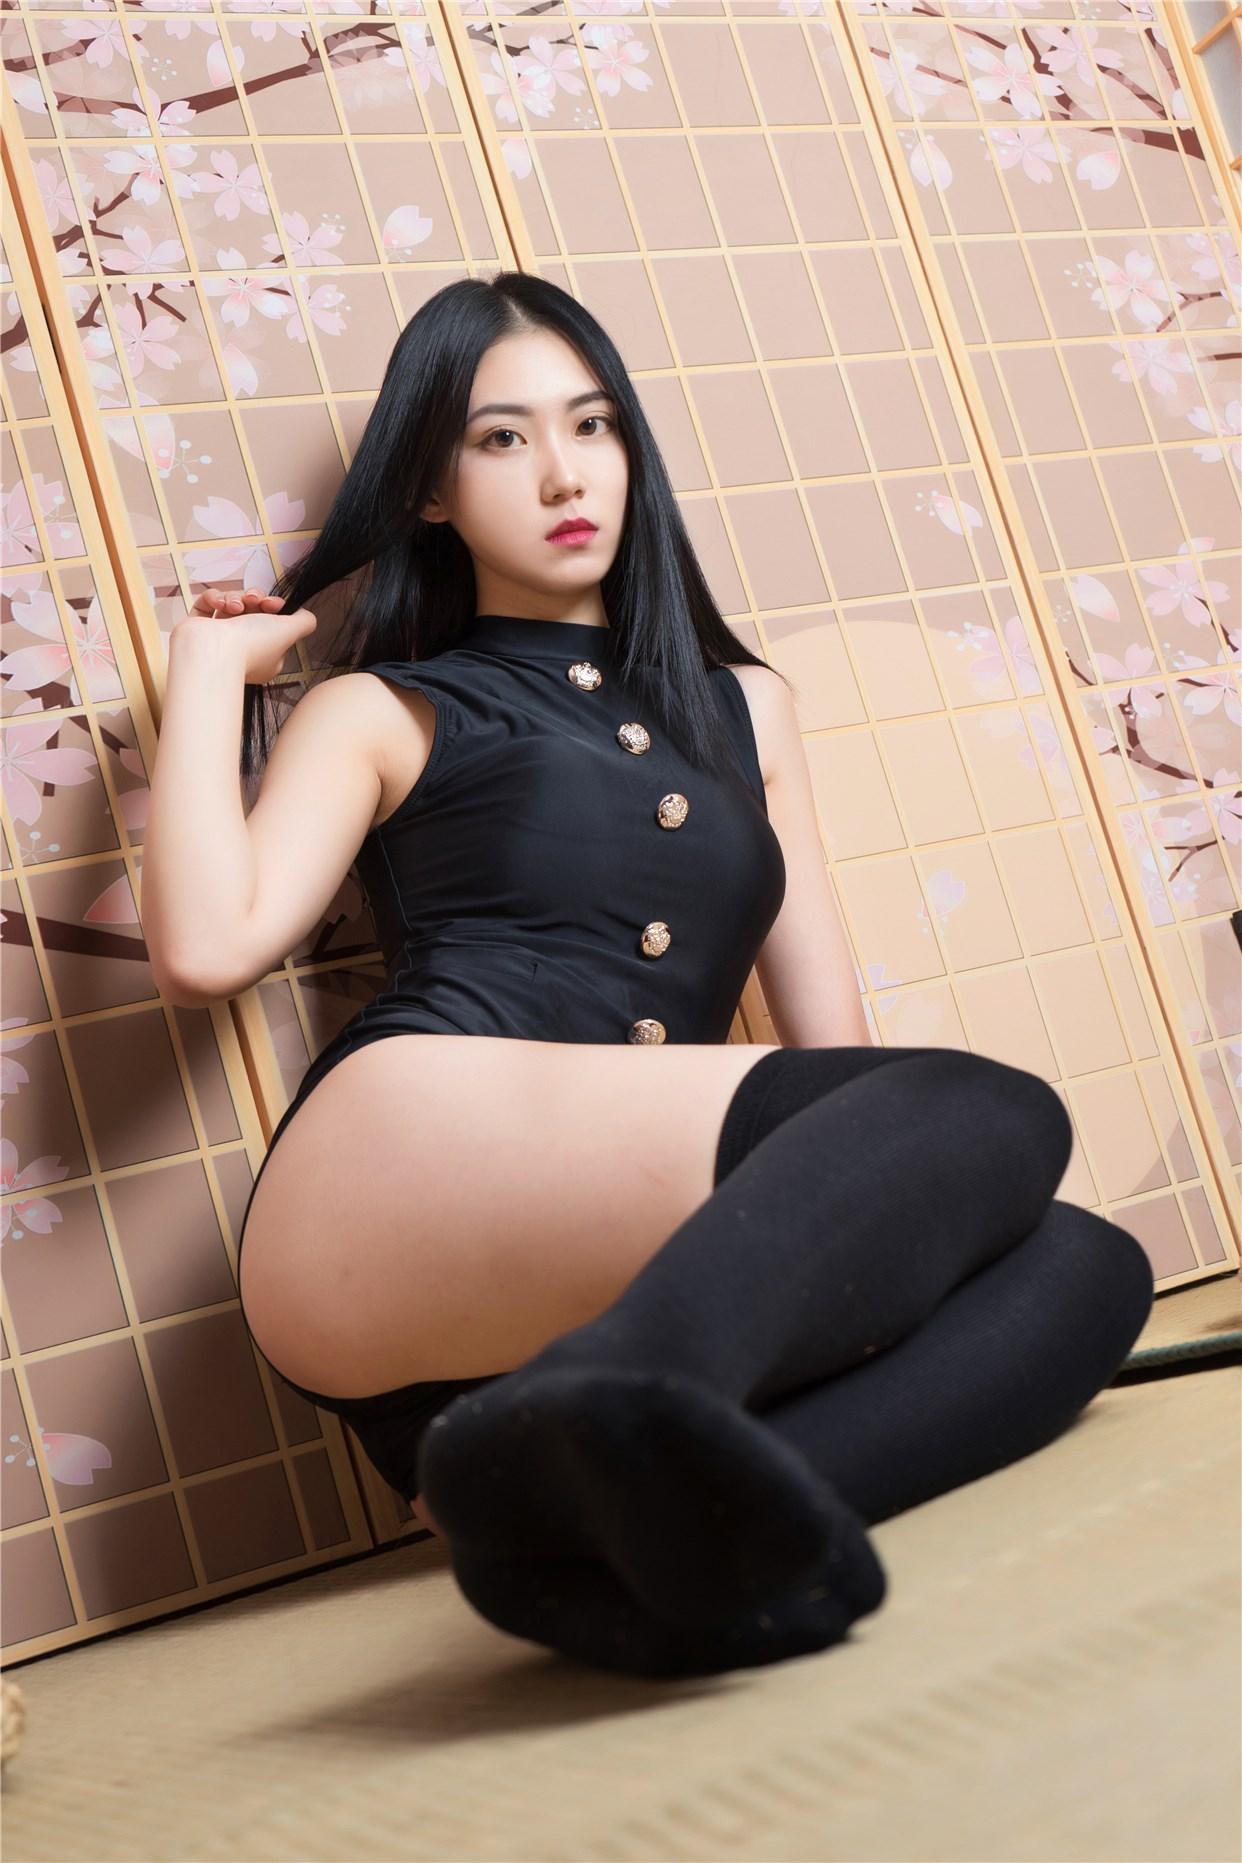 【兔玩映画】黑色制服的少女 兔玩映画 第2张